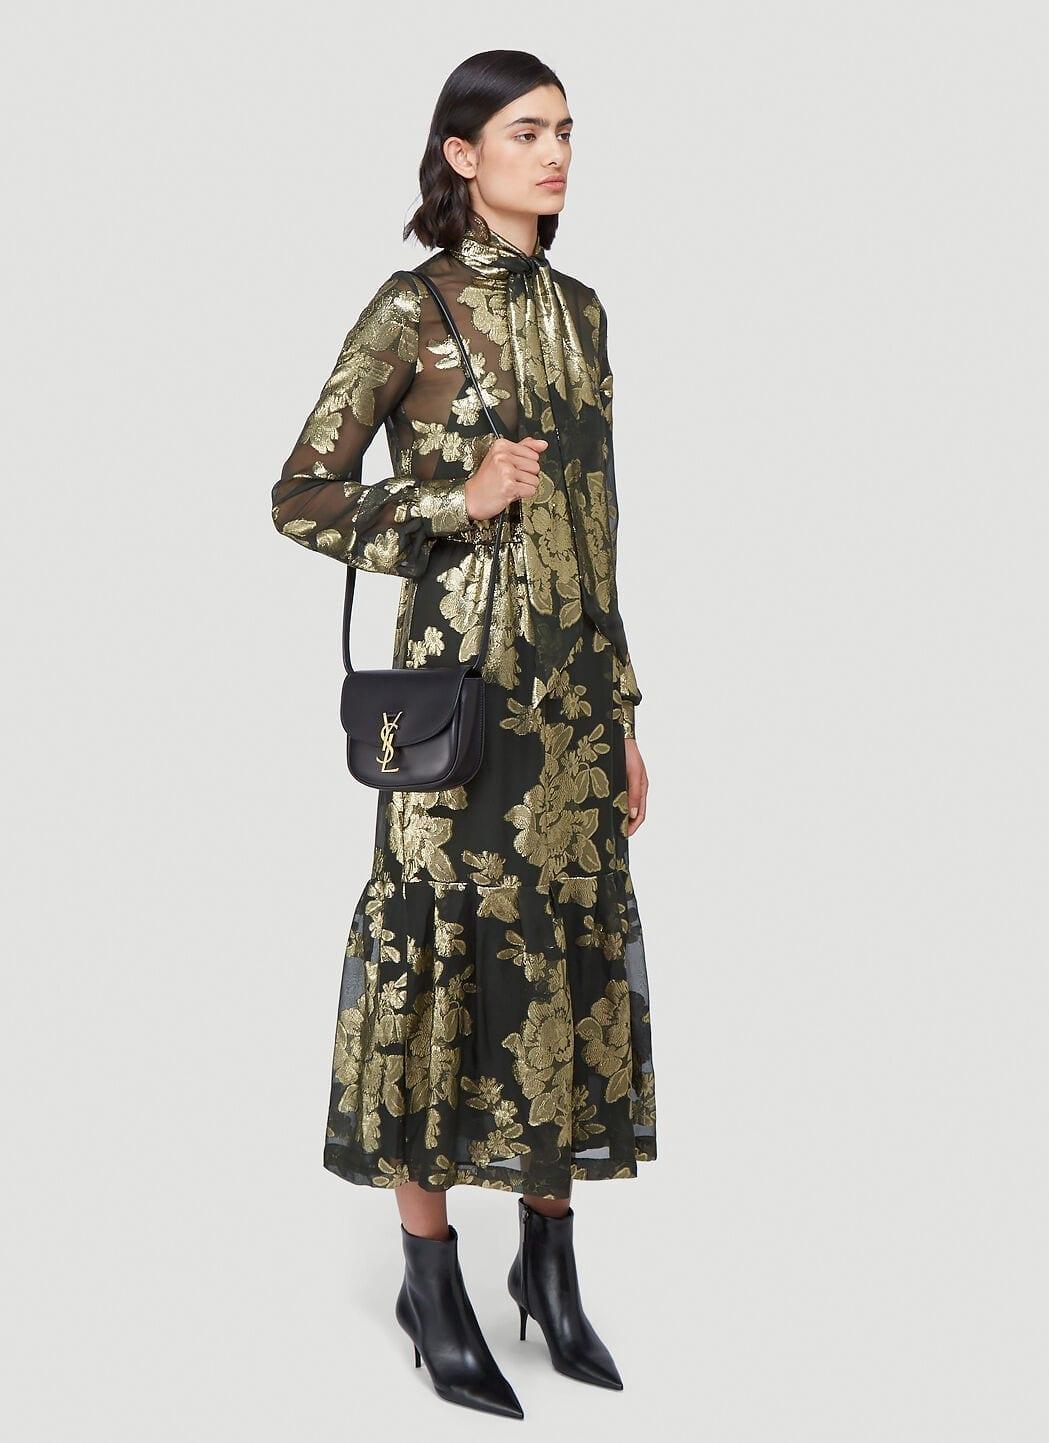 SAINT LAURENT Tie-Neck Floral Lamé Dress